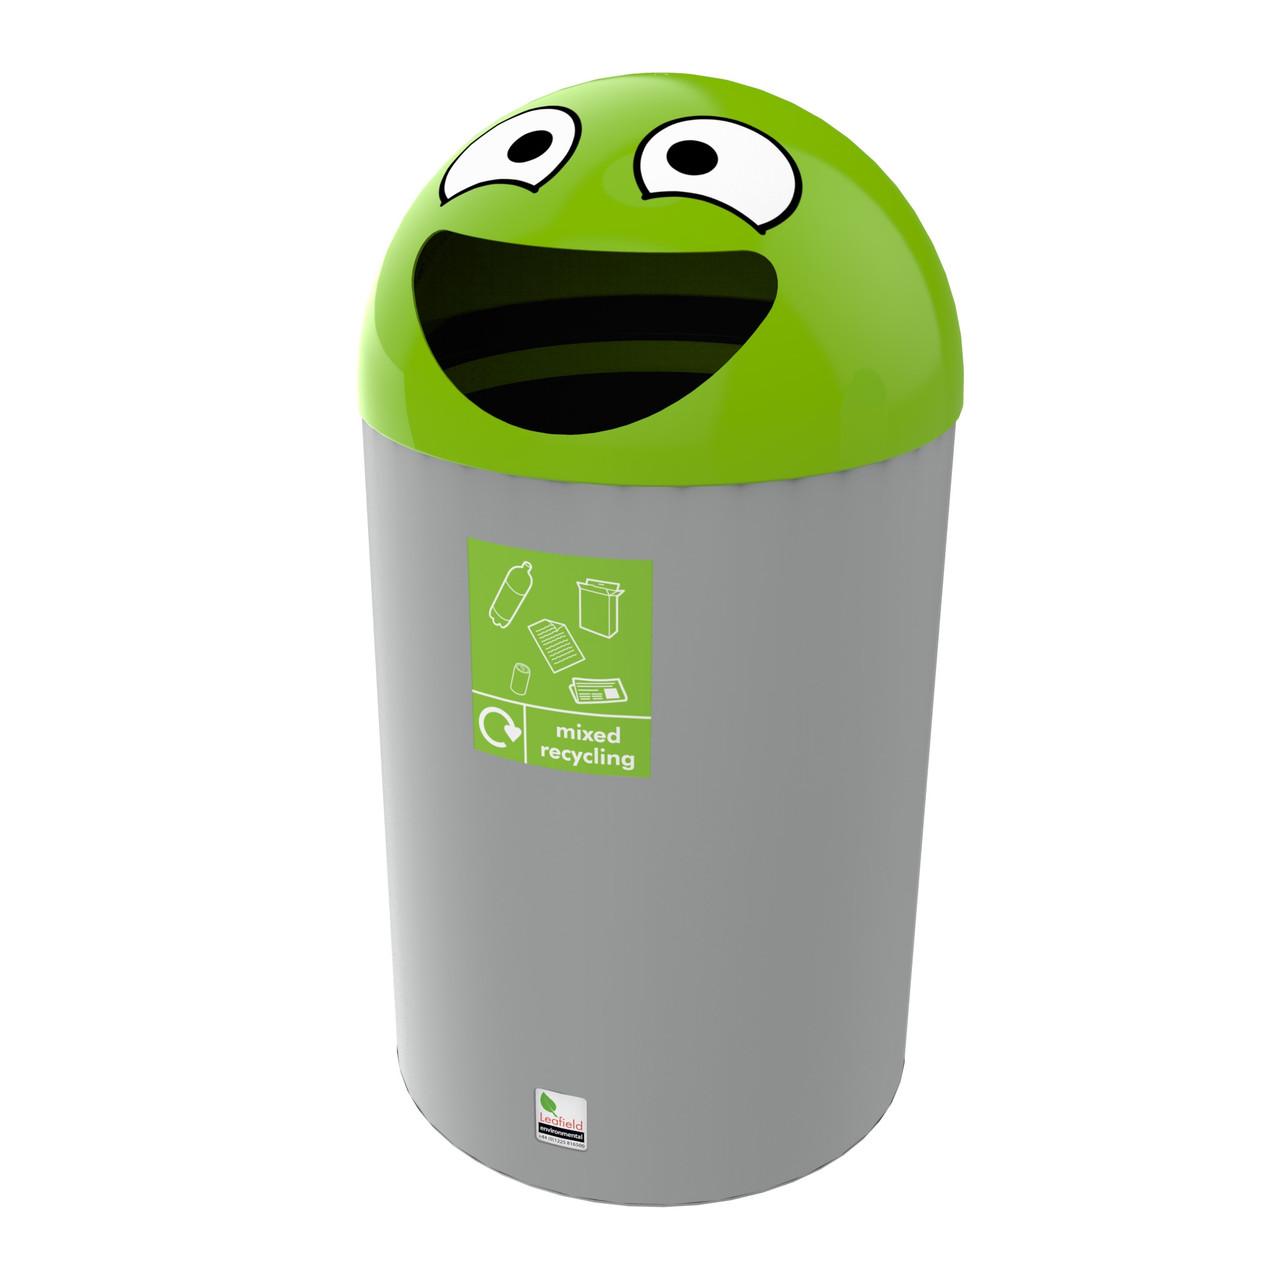 Novelty Buddy Litter Bin 75 Litre general waste recycling